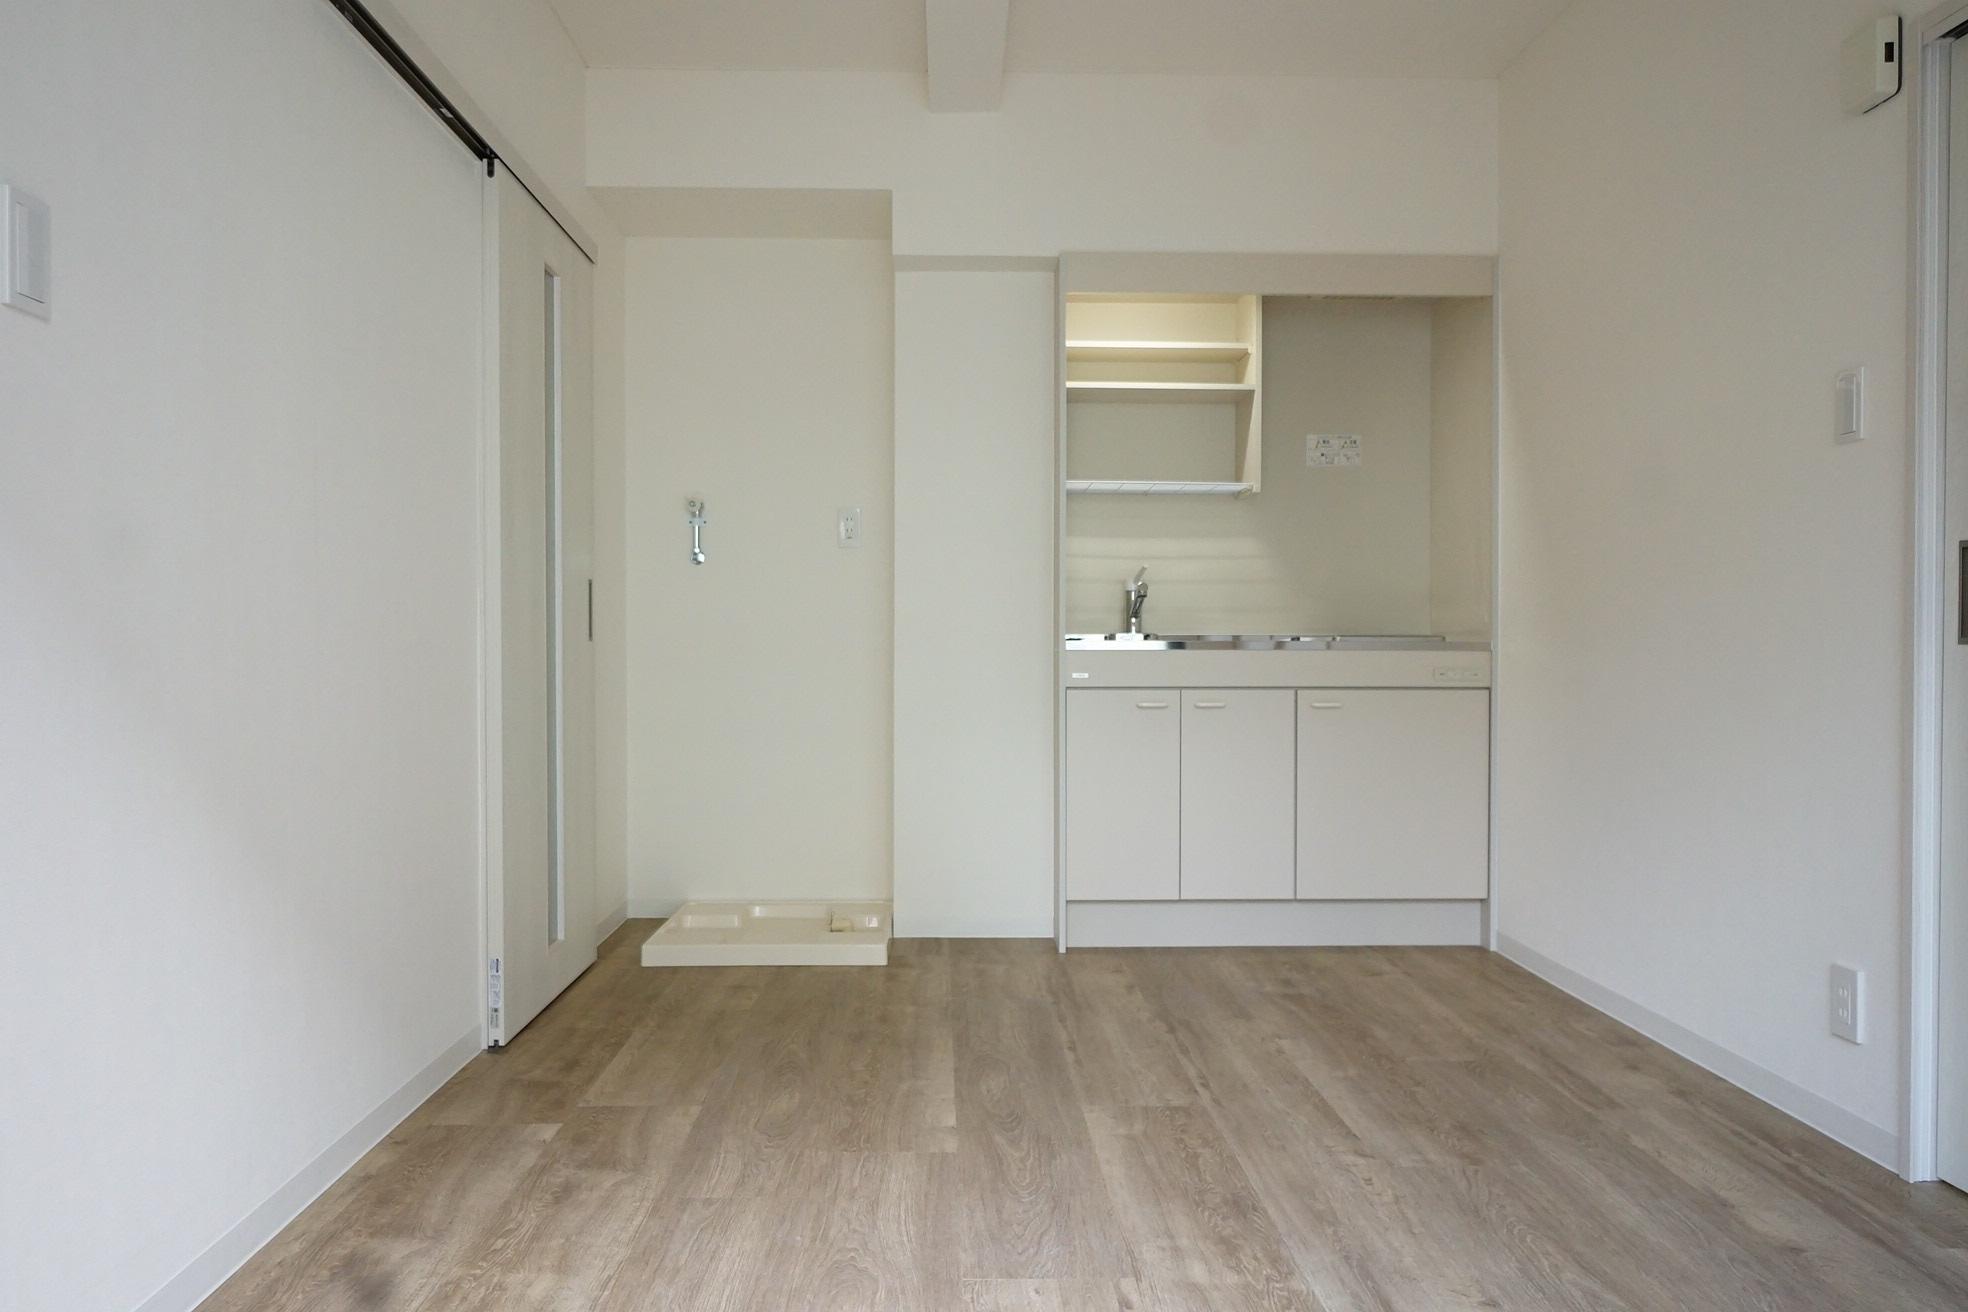 木の素材を活かした居室とエレガントな共用部のコントラスト